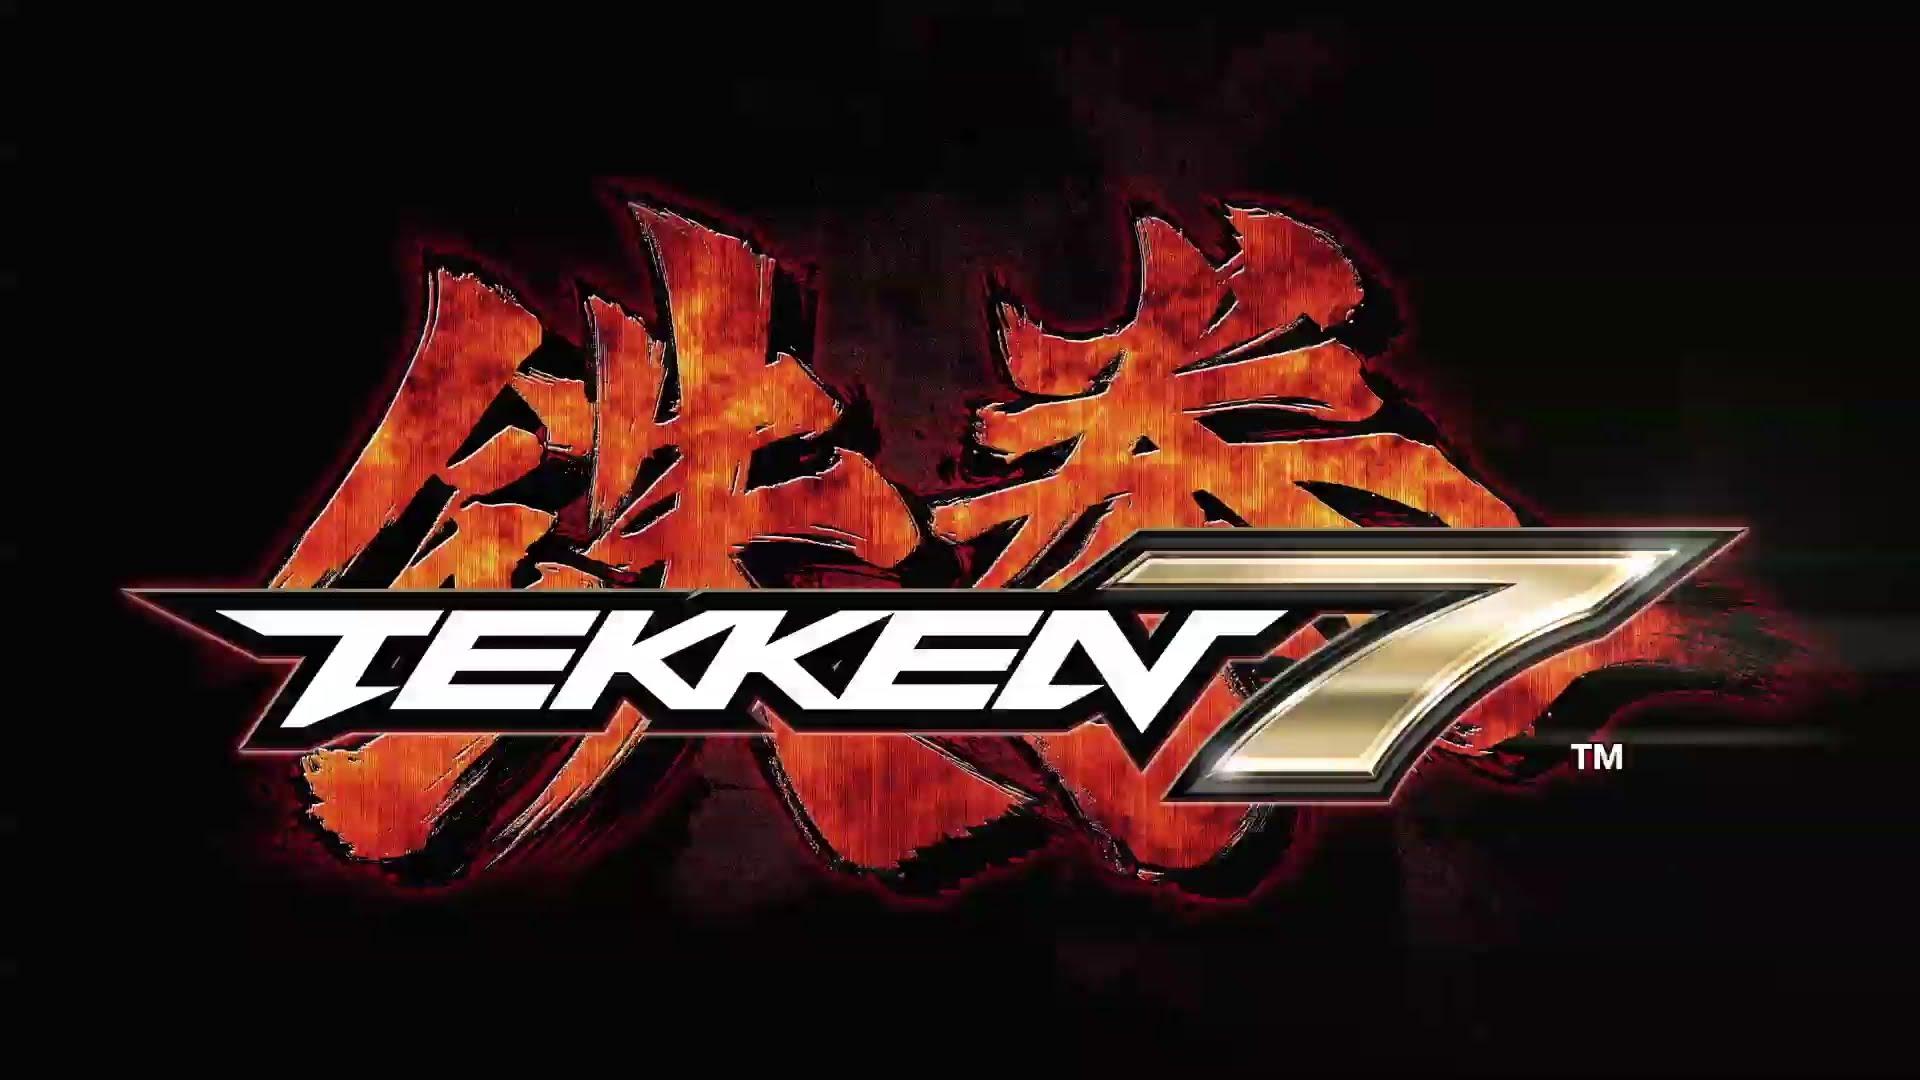 『鉄拳7』ロケテスト第2弾が11月22日・23日に開催決定。ゲーム紹介トレーラーも公開